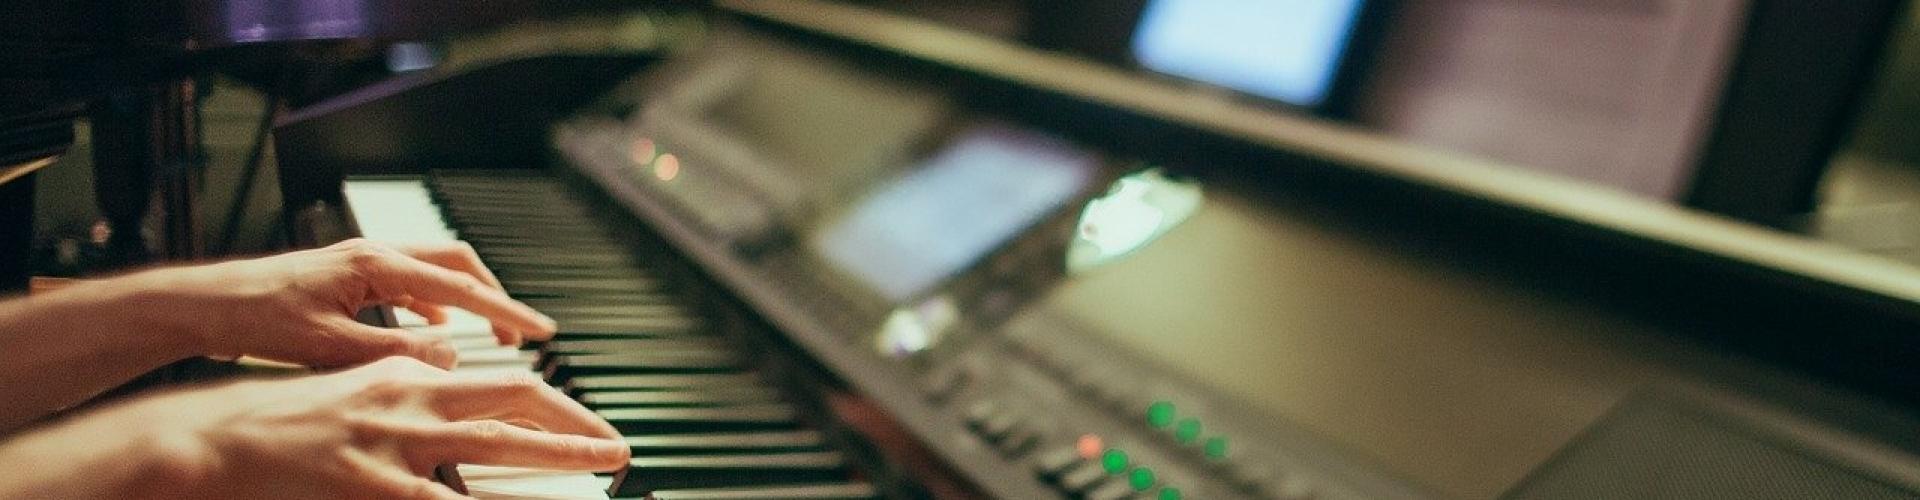 wat is een digitale piano